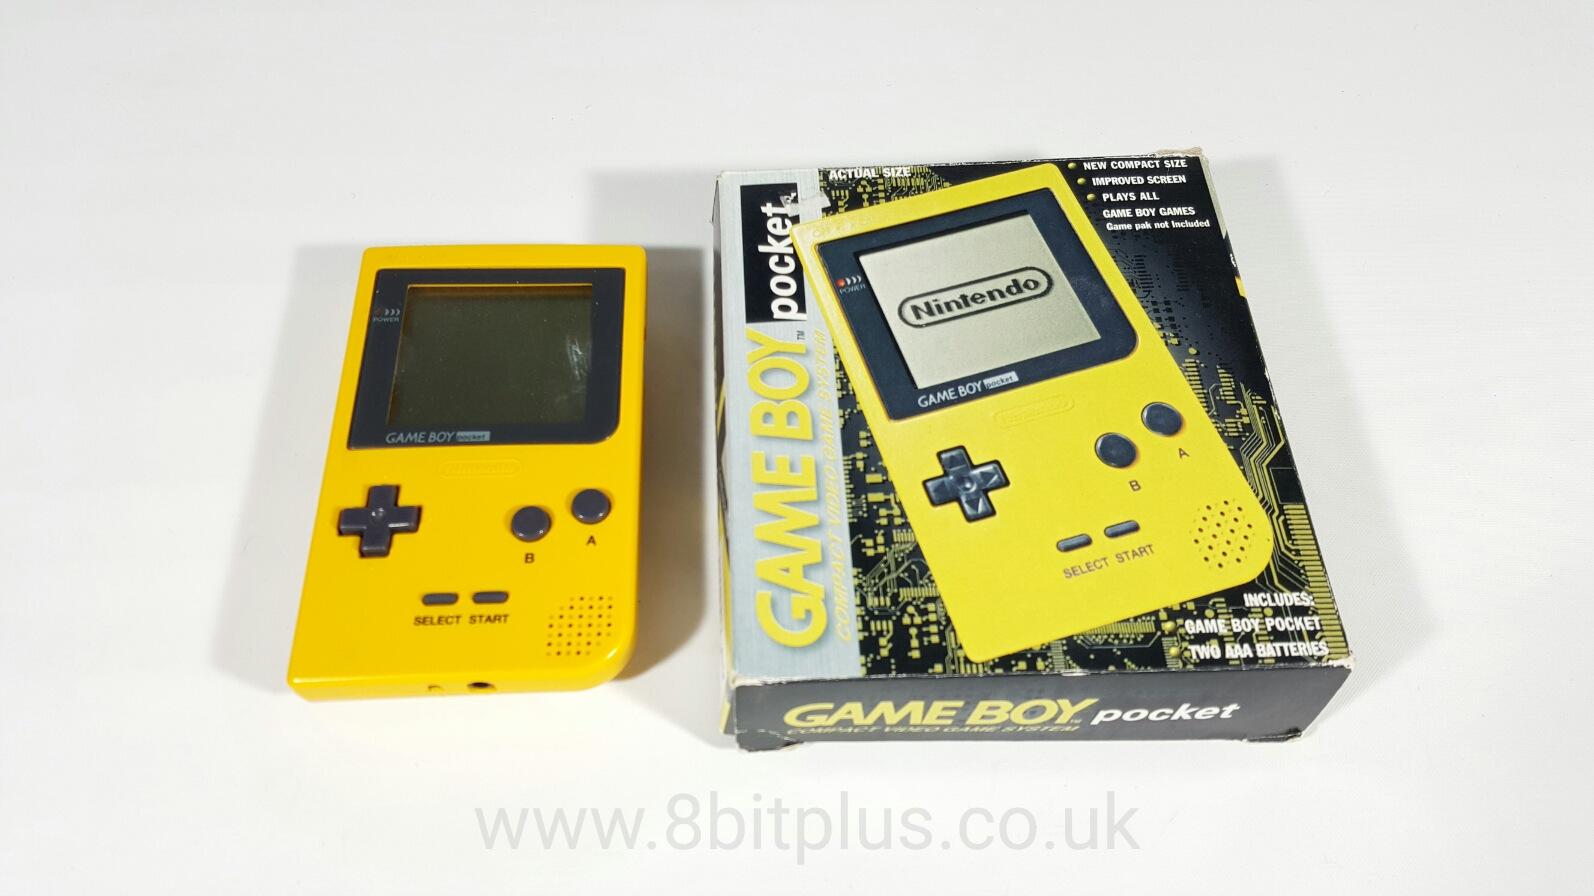 GameBoy_pocket_4